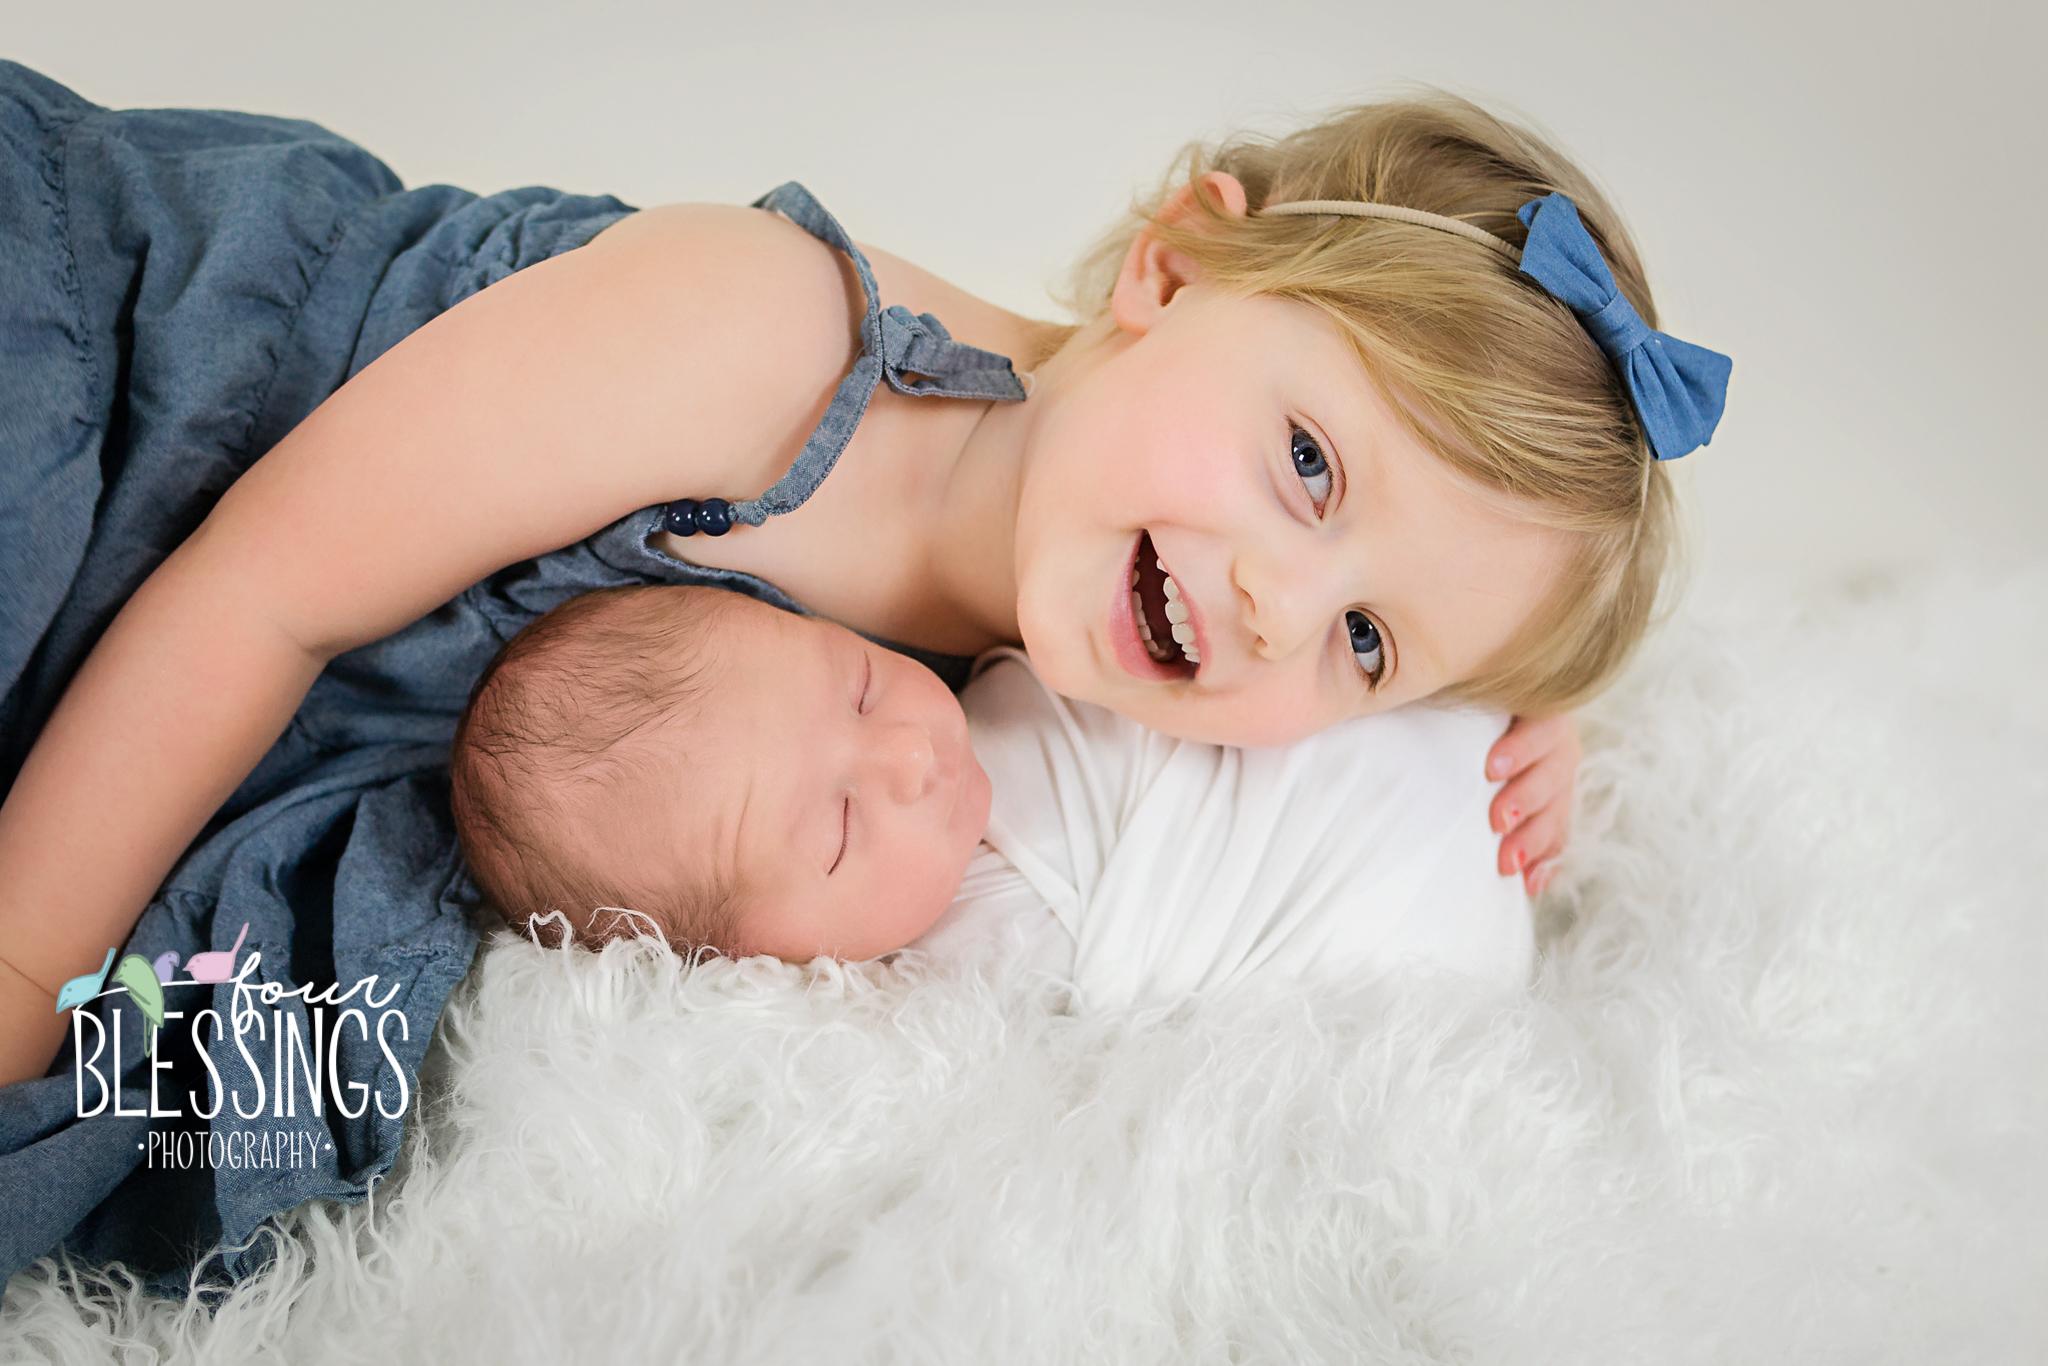 Baby & Sibling